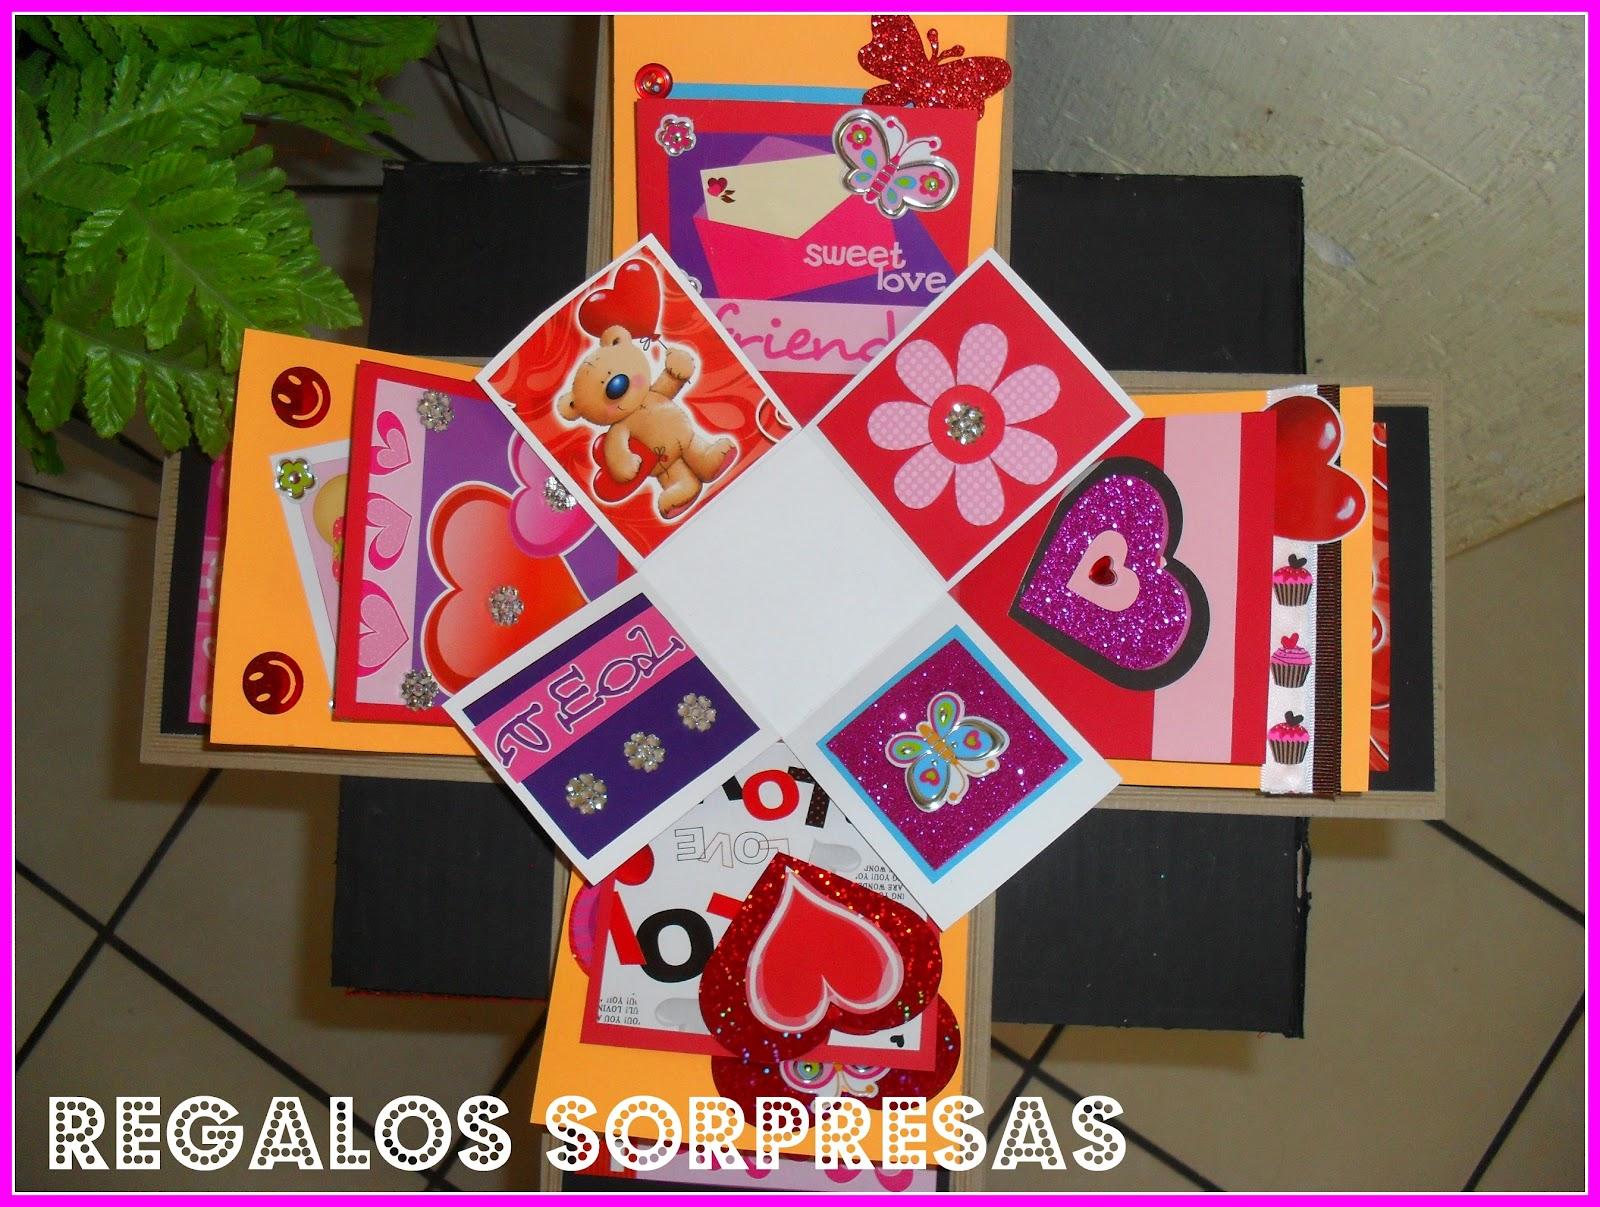 Regalos sorpresas cajas explosivas for Sorpresas para aniversario